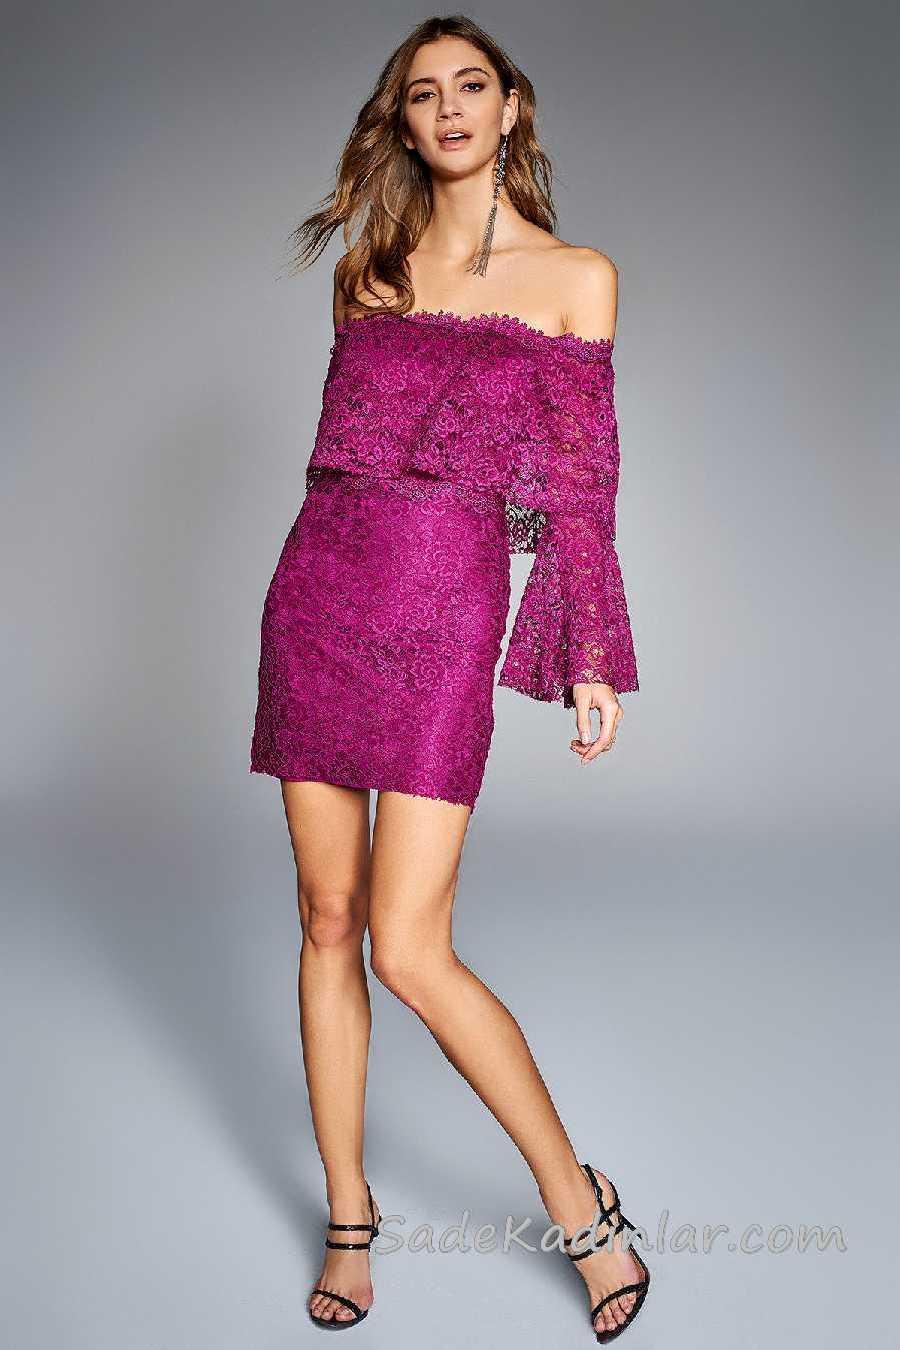 2020 Mürdüm Abiye Elbise Modelleri Kısa Karmen Yaka Düşük Kol Fırfırlı Dantelli